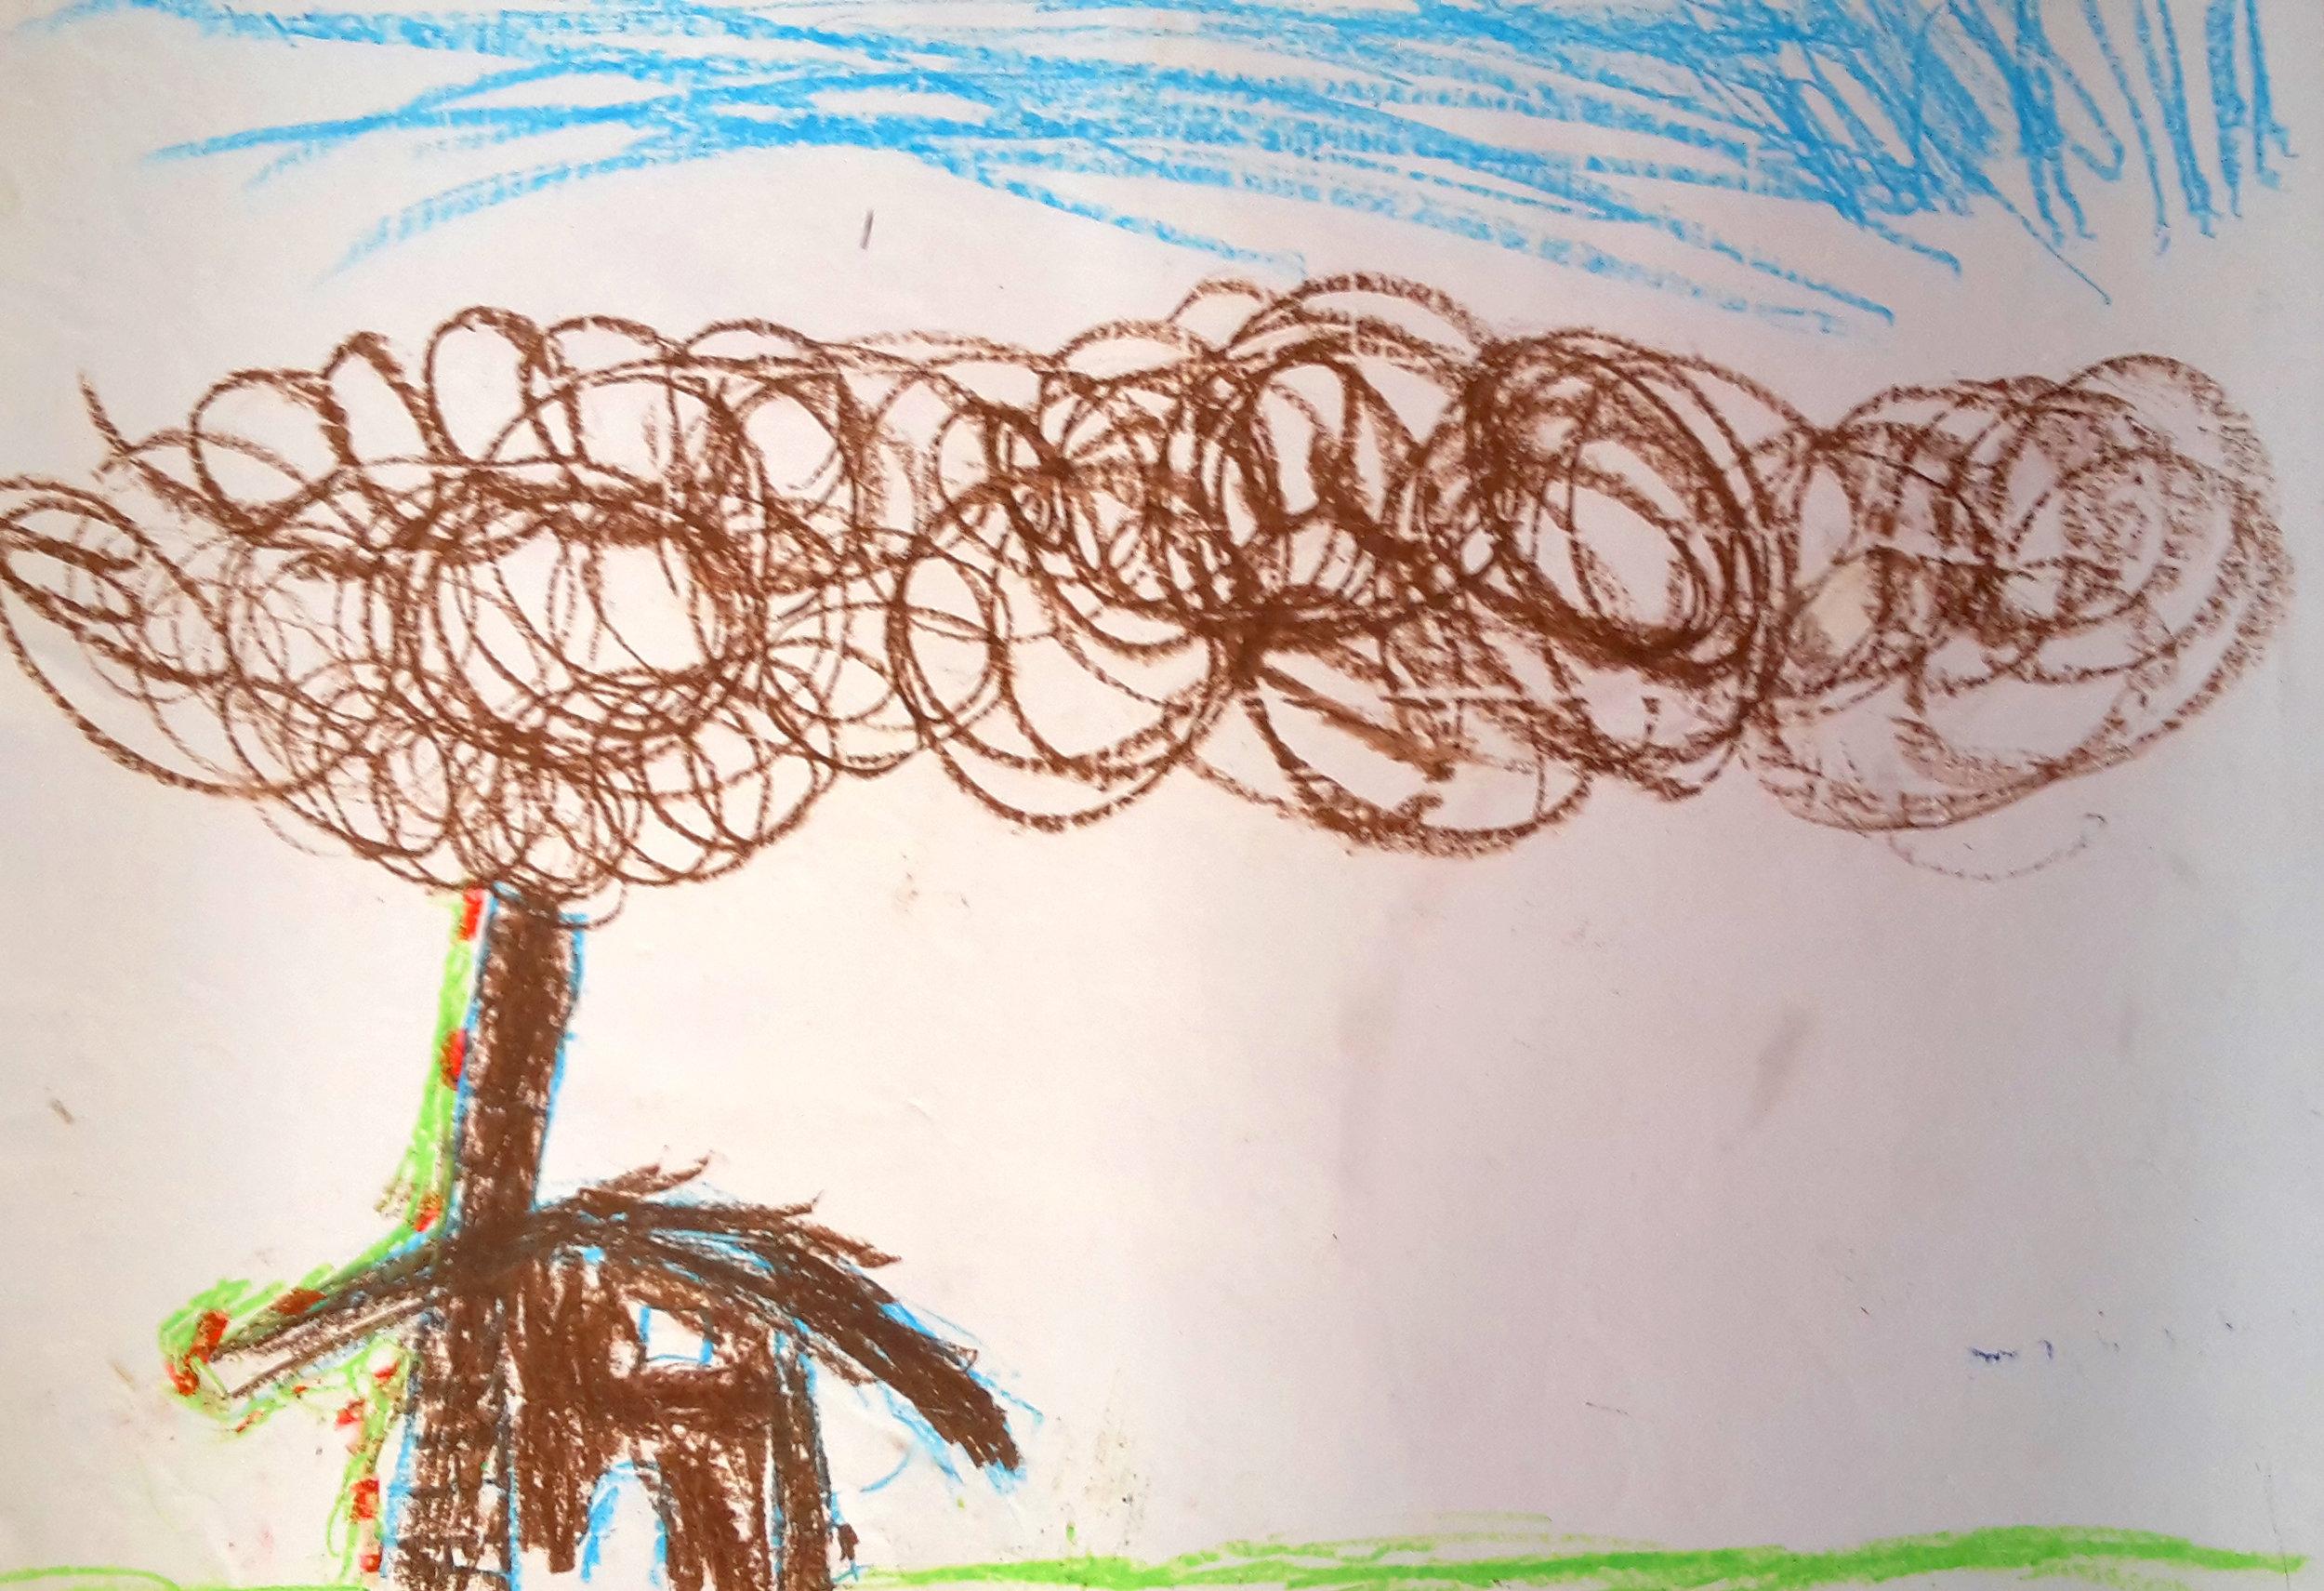 Kunsttherapie eignet sich auch hervorragend für Kinder und Jugendliche